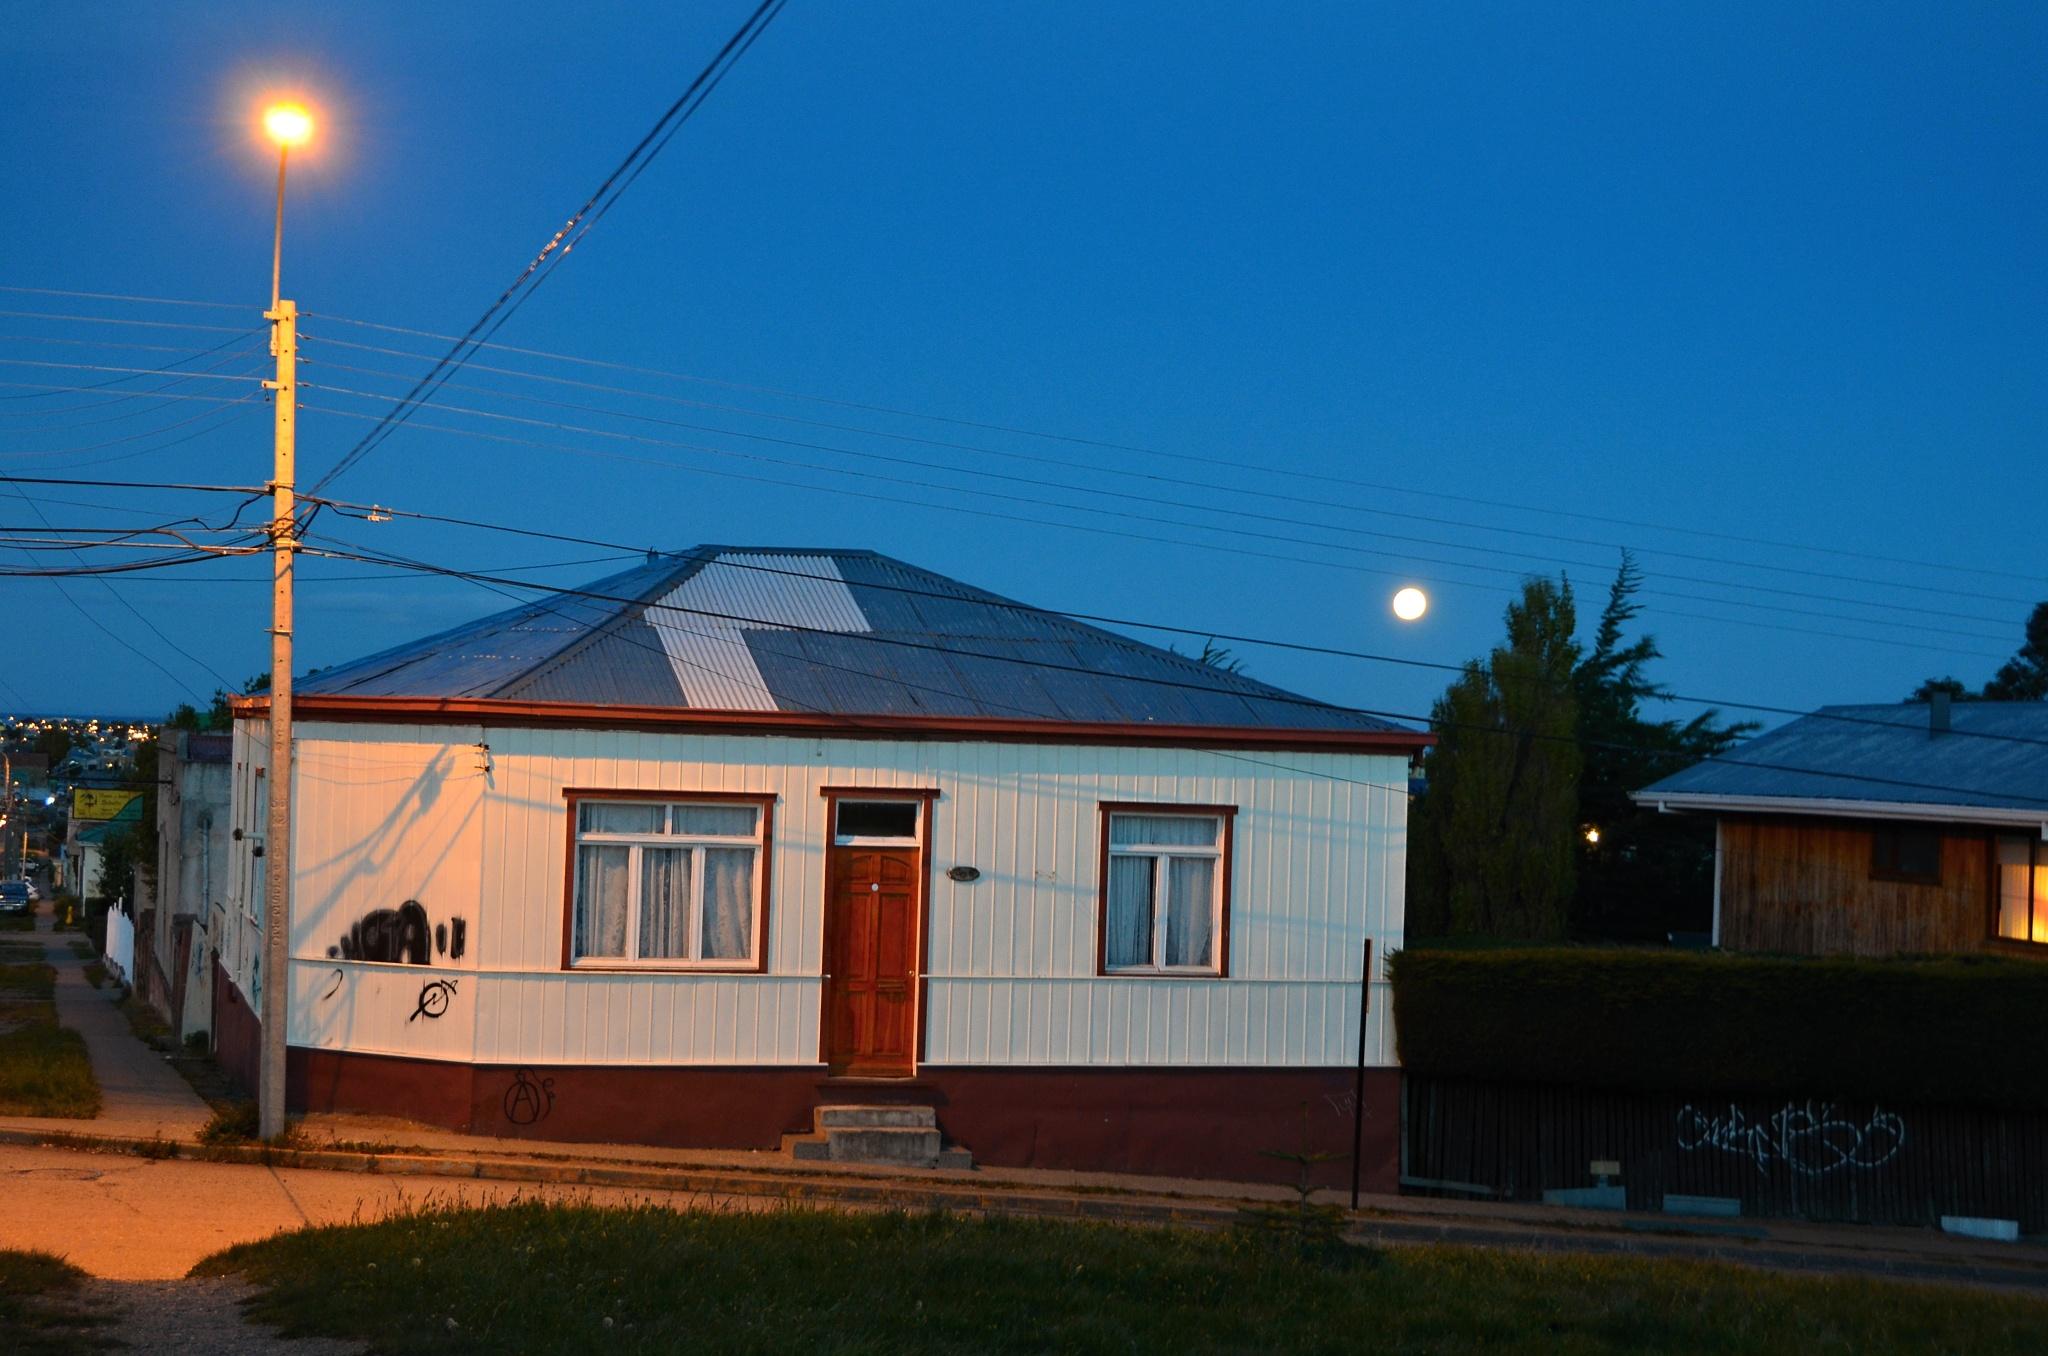 Měsíc v úplňku nad noční Punta Arenas